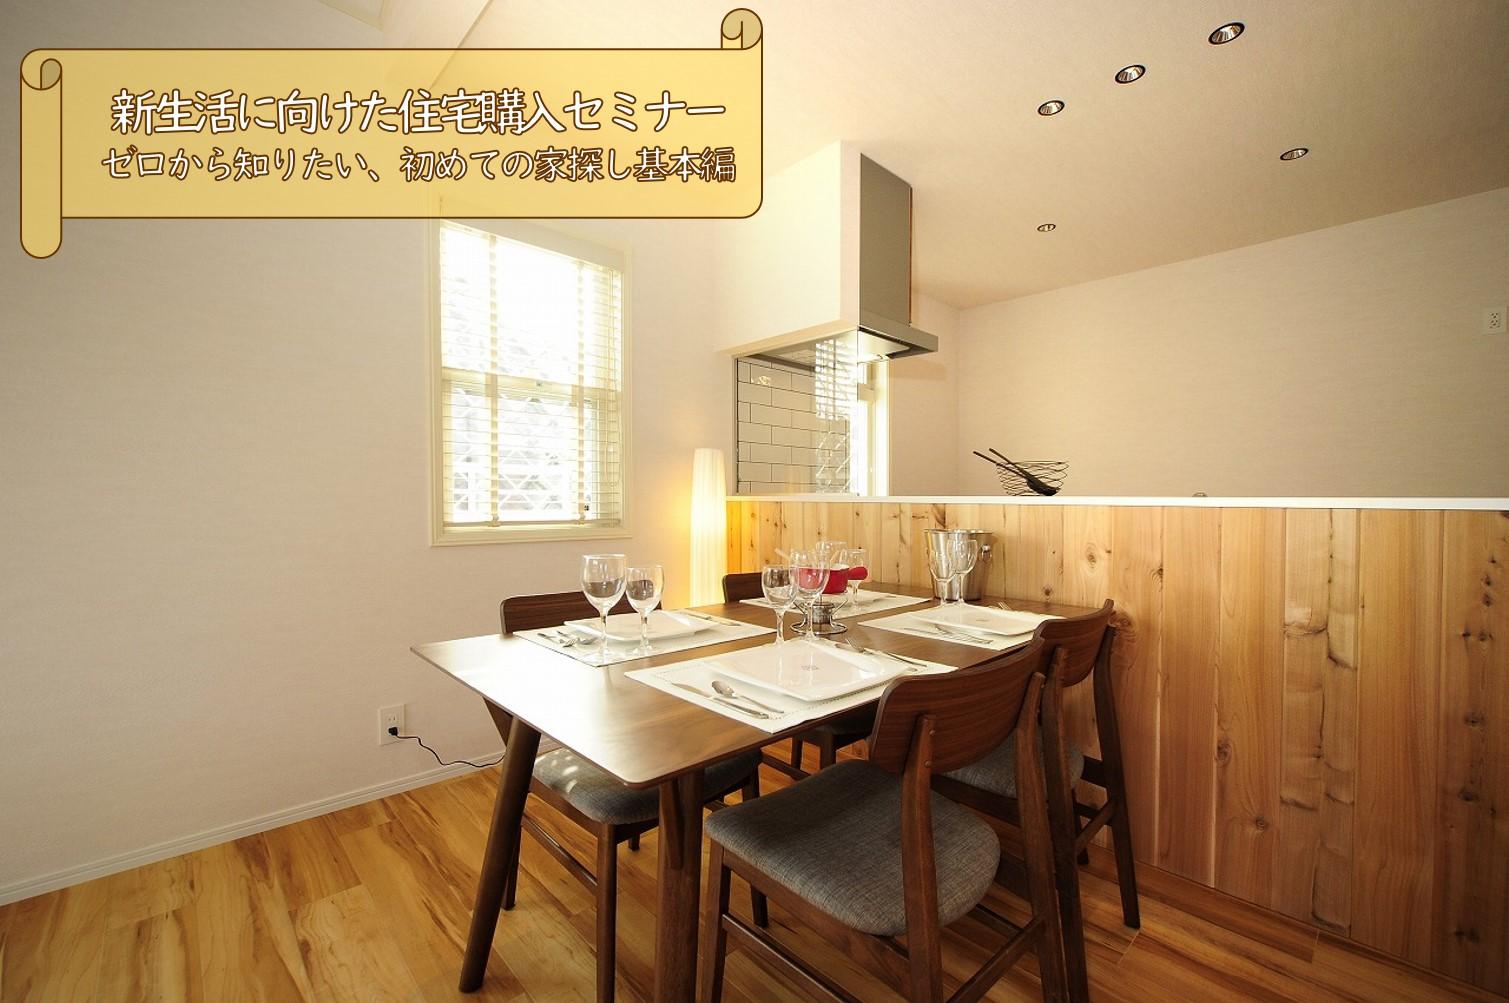 新生活に向けた住宅購入セミナー